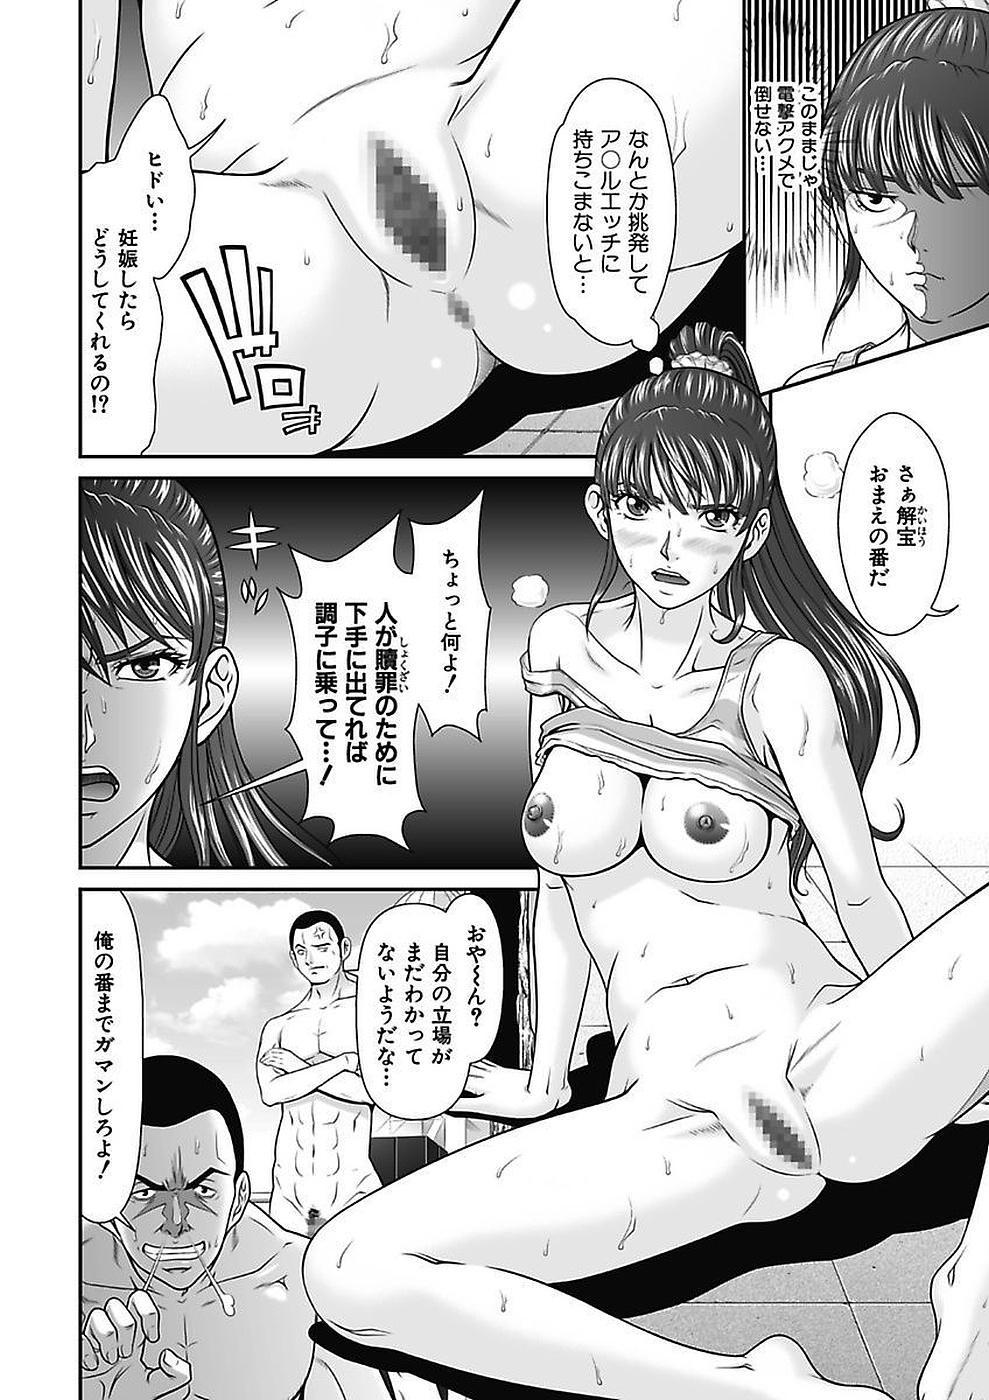 [Kurono Masakado] Dengeki Zecchou! Hihoujima ~Chikyuu no Oku ni Sasowarete~ Joukan 49